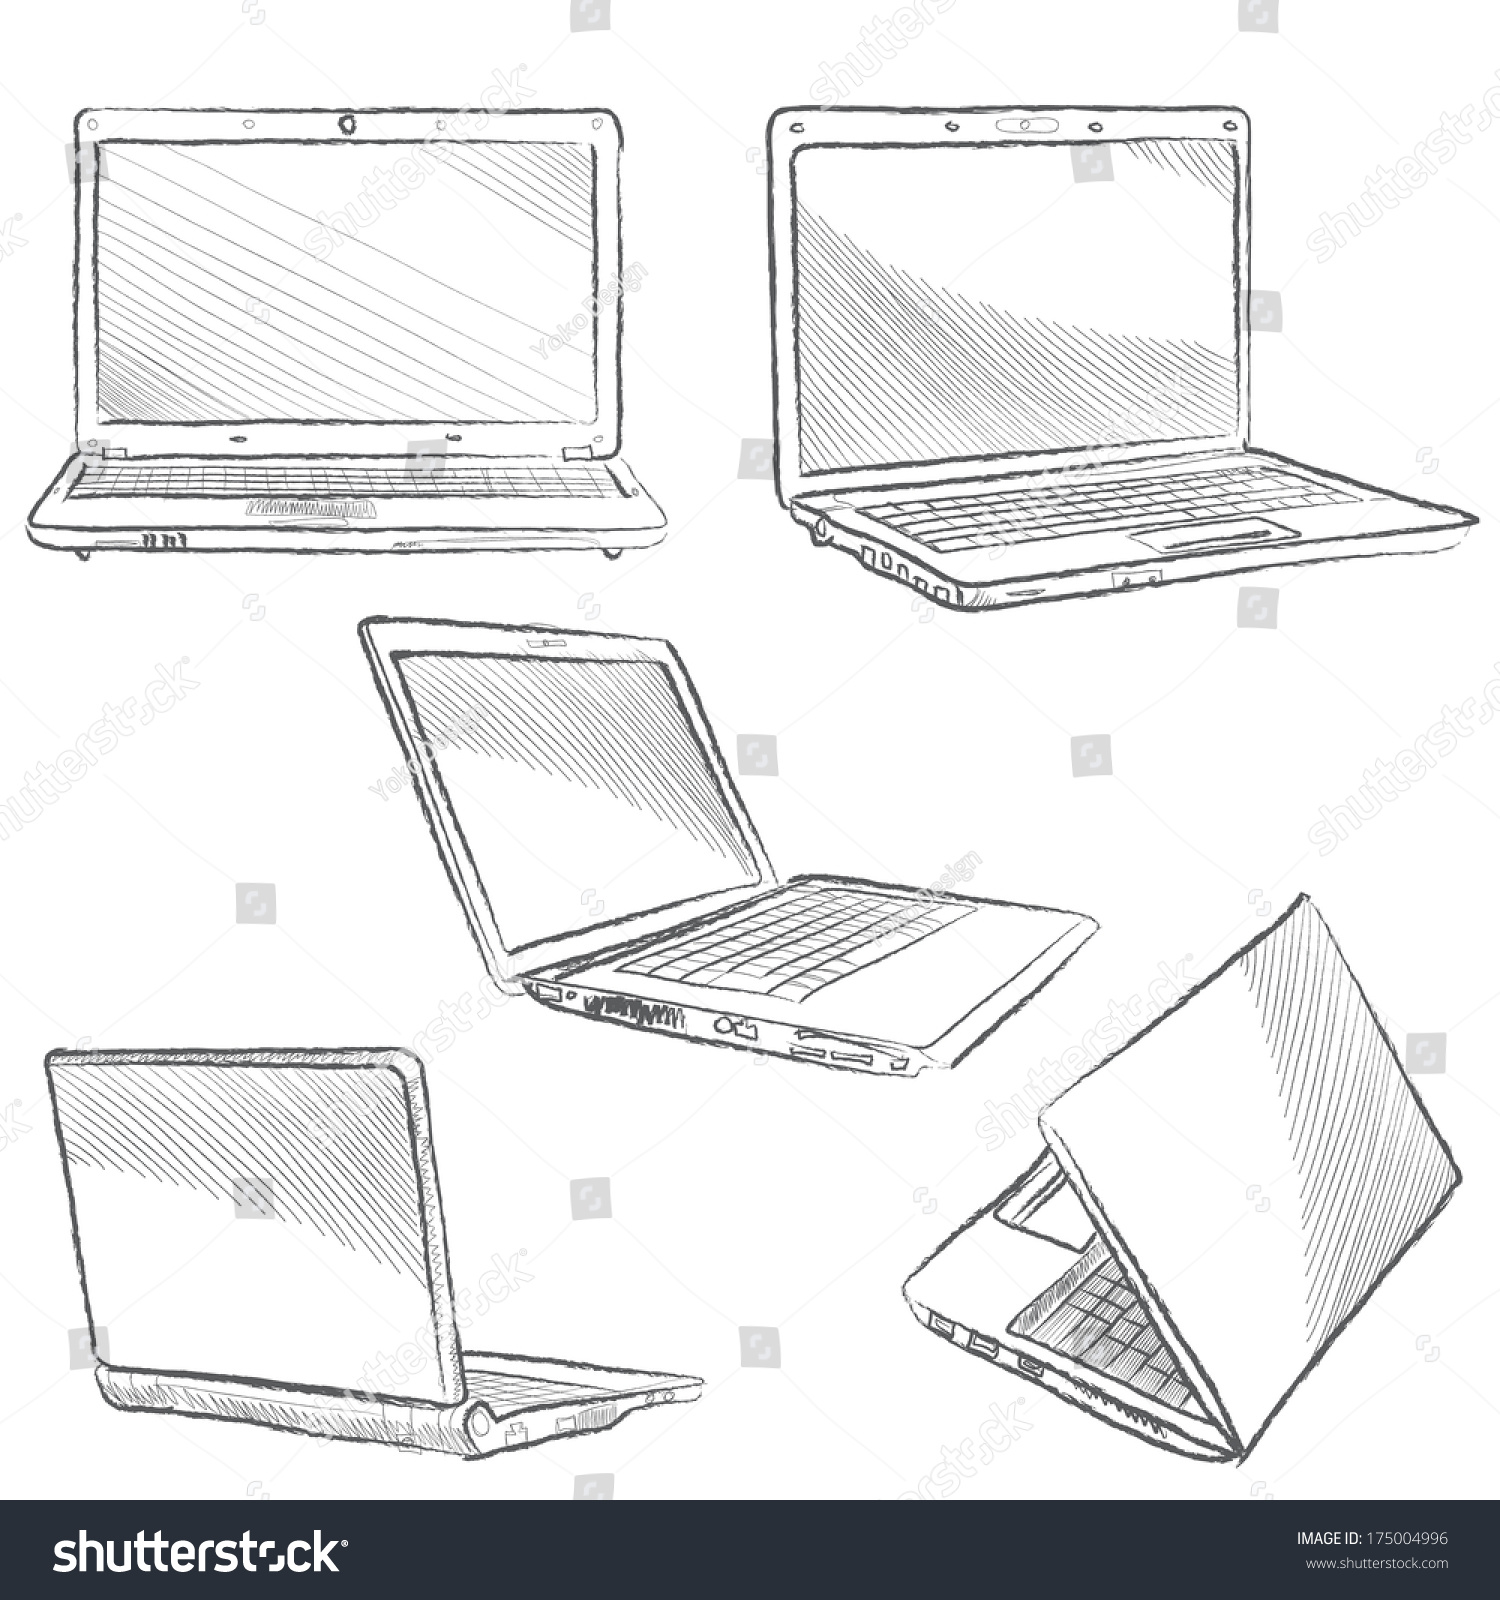 Laptop Set Computer Sketch Hands Sketch Vector